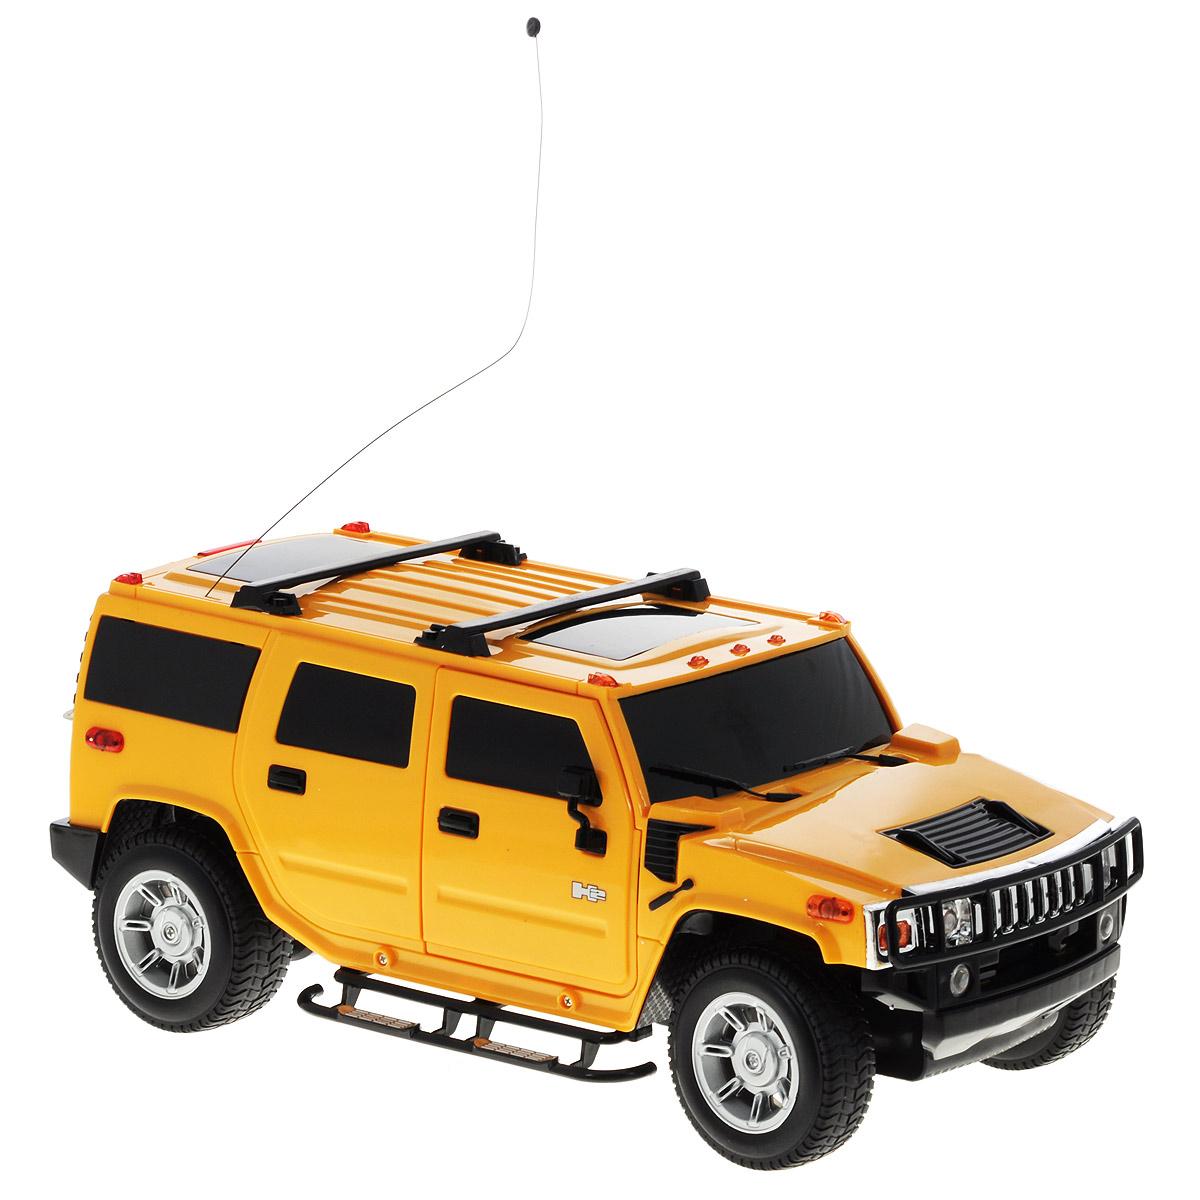 1TOY Радиоуправляемая модель Hummer H2 цвет желтыйТ54267_желтыйКультовый американский внедорожник Hummer привлечет внимание как ребенка, так и взрослого и понравится любому, кто увлекается автомобилями. Маневренная и реалистичная уменьшенная копия Hummer H2 выполнена в точной детализации с настоящим автомобилем в масштабе 1/12. Управление машинкой происходит с помощью пульта. Машинка двигается вперед и назад, поворачивает направо и налево. Во время езды у нее можно включать свет фар. Колеса игрушки прорезинены и обеспечивают плавный ход, машинка не портит напольное покрытие. Радиоуправляемые игрушки способствуют развитию координации движений, моторики и ловкости. Ваш ребенок часами будет играть с моделью, придумывая различные истории и устраивая соревнования. Порадуйте его таким замечательным подарком! Питание: машина работает от аккумулятора напряжением 6V 800 mAh (входит в комплект); пульт управления работает от 6 батареек напряжением 1,5V типа AA (входят в комплект).